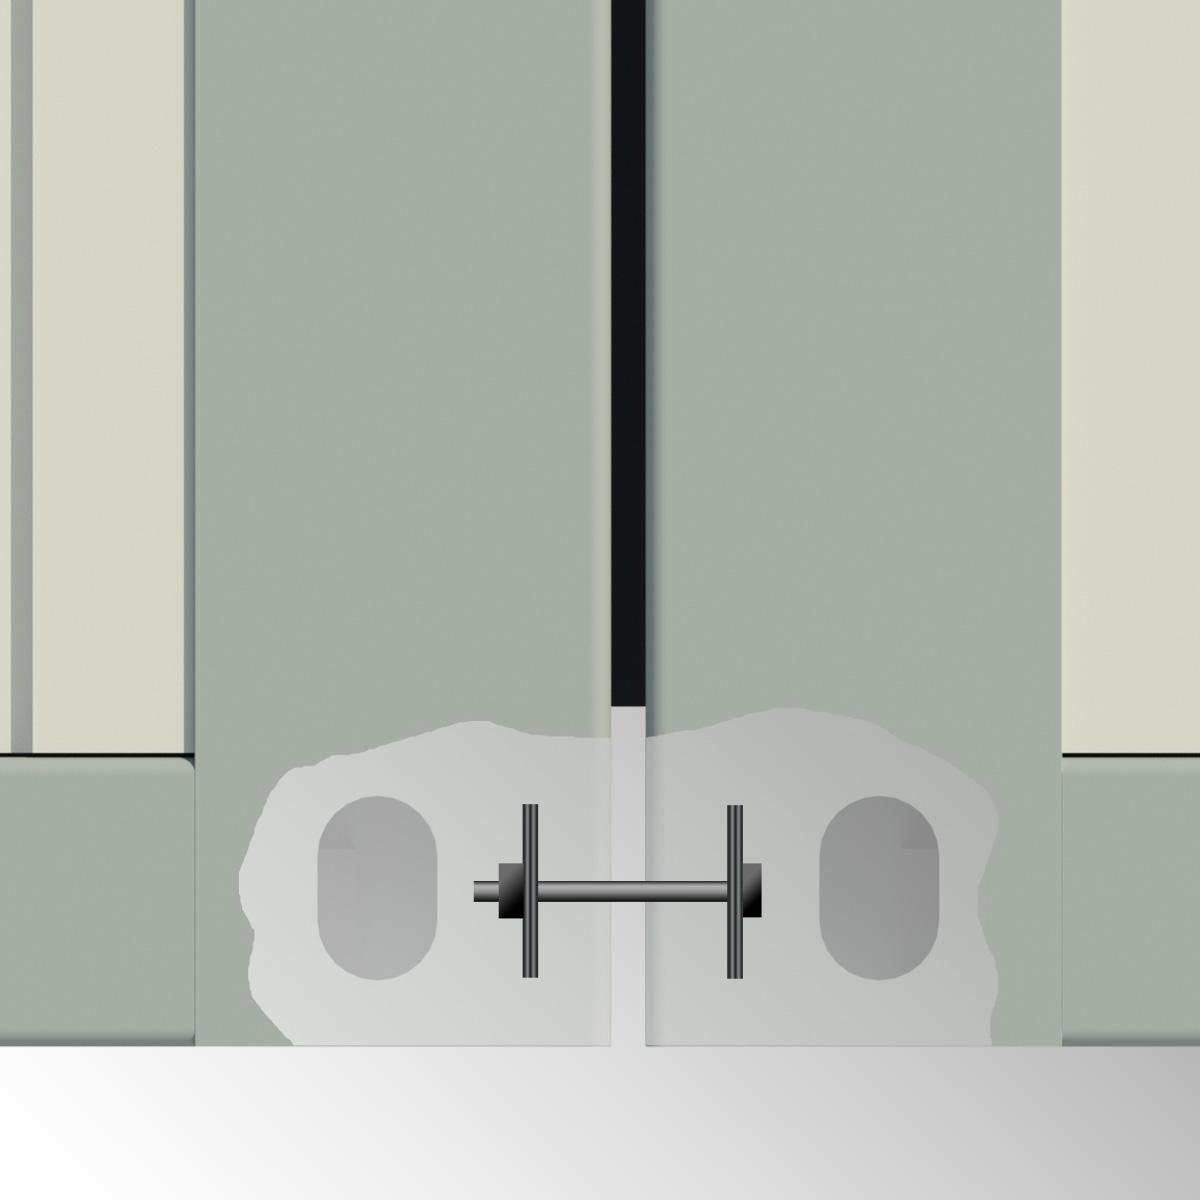 Innenverschraubung für Container - verzinkt